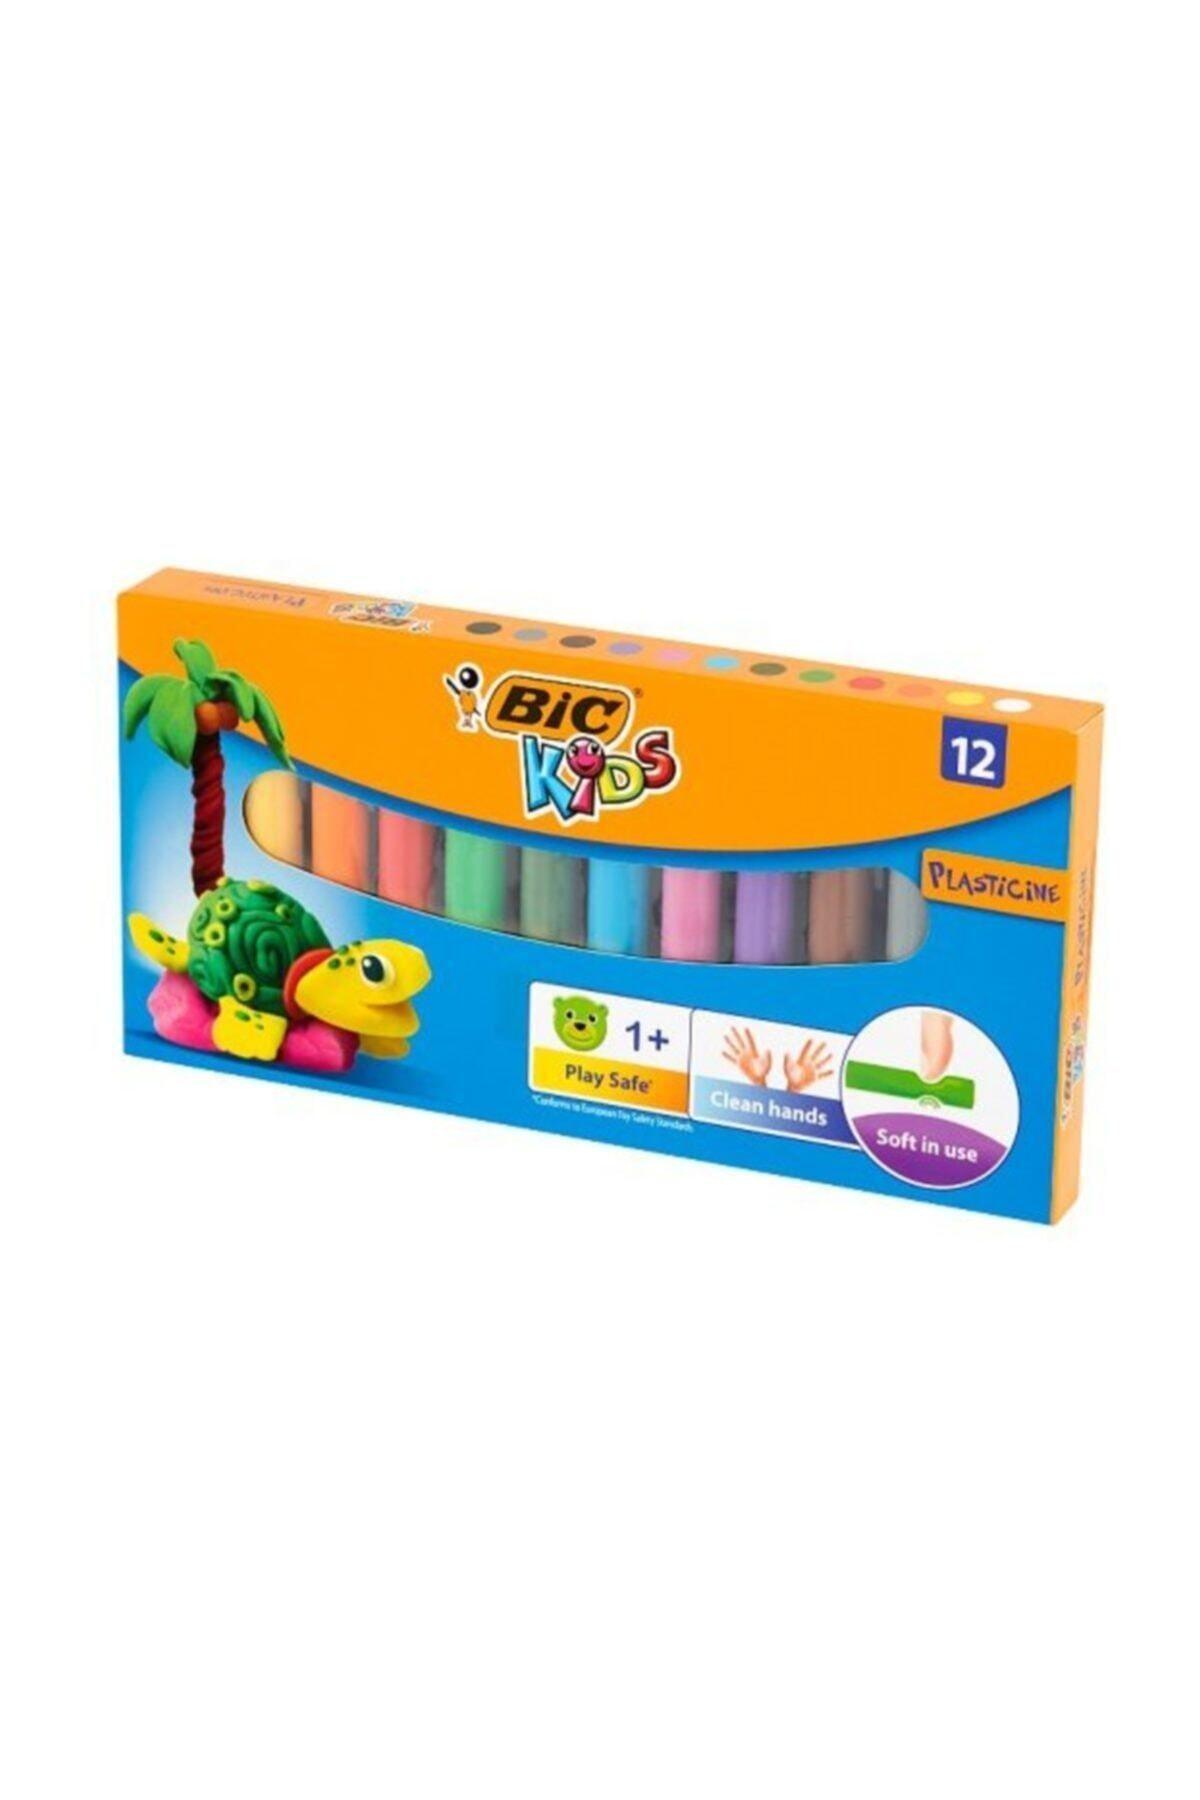 Bic Plastelina Kurumayan Oyun Hamuru 12 Renk 1